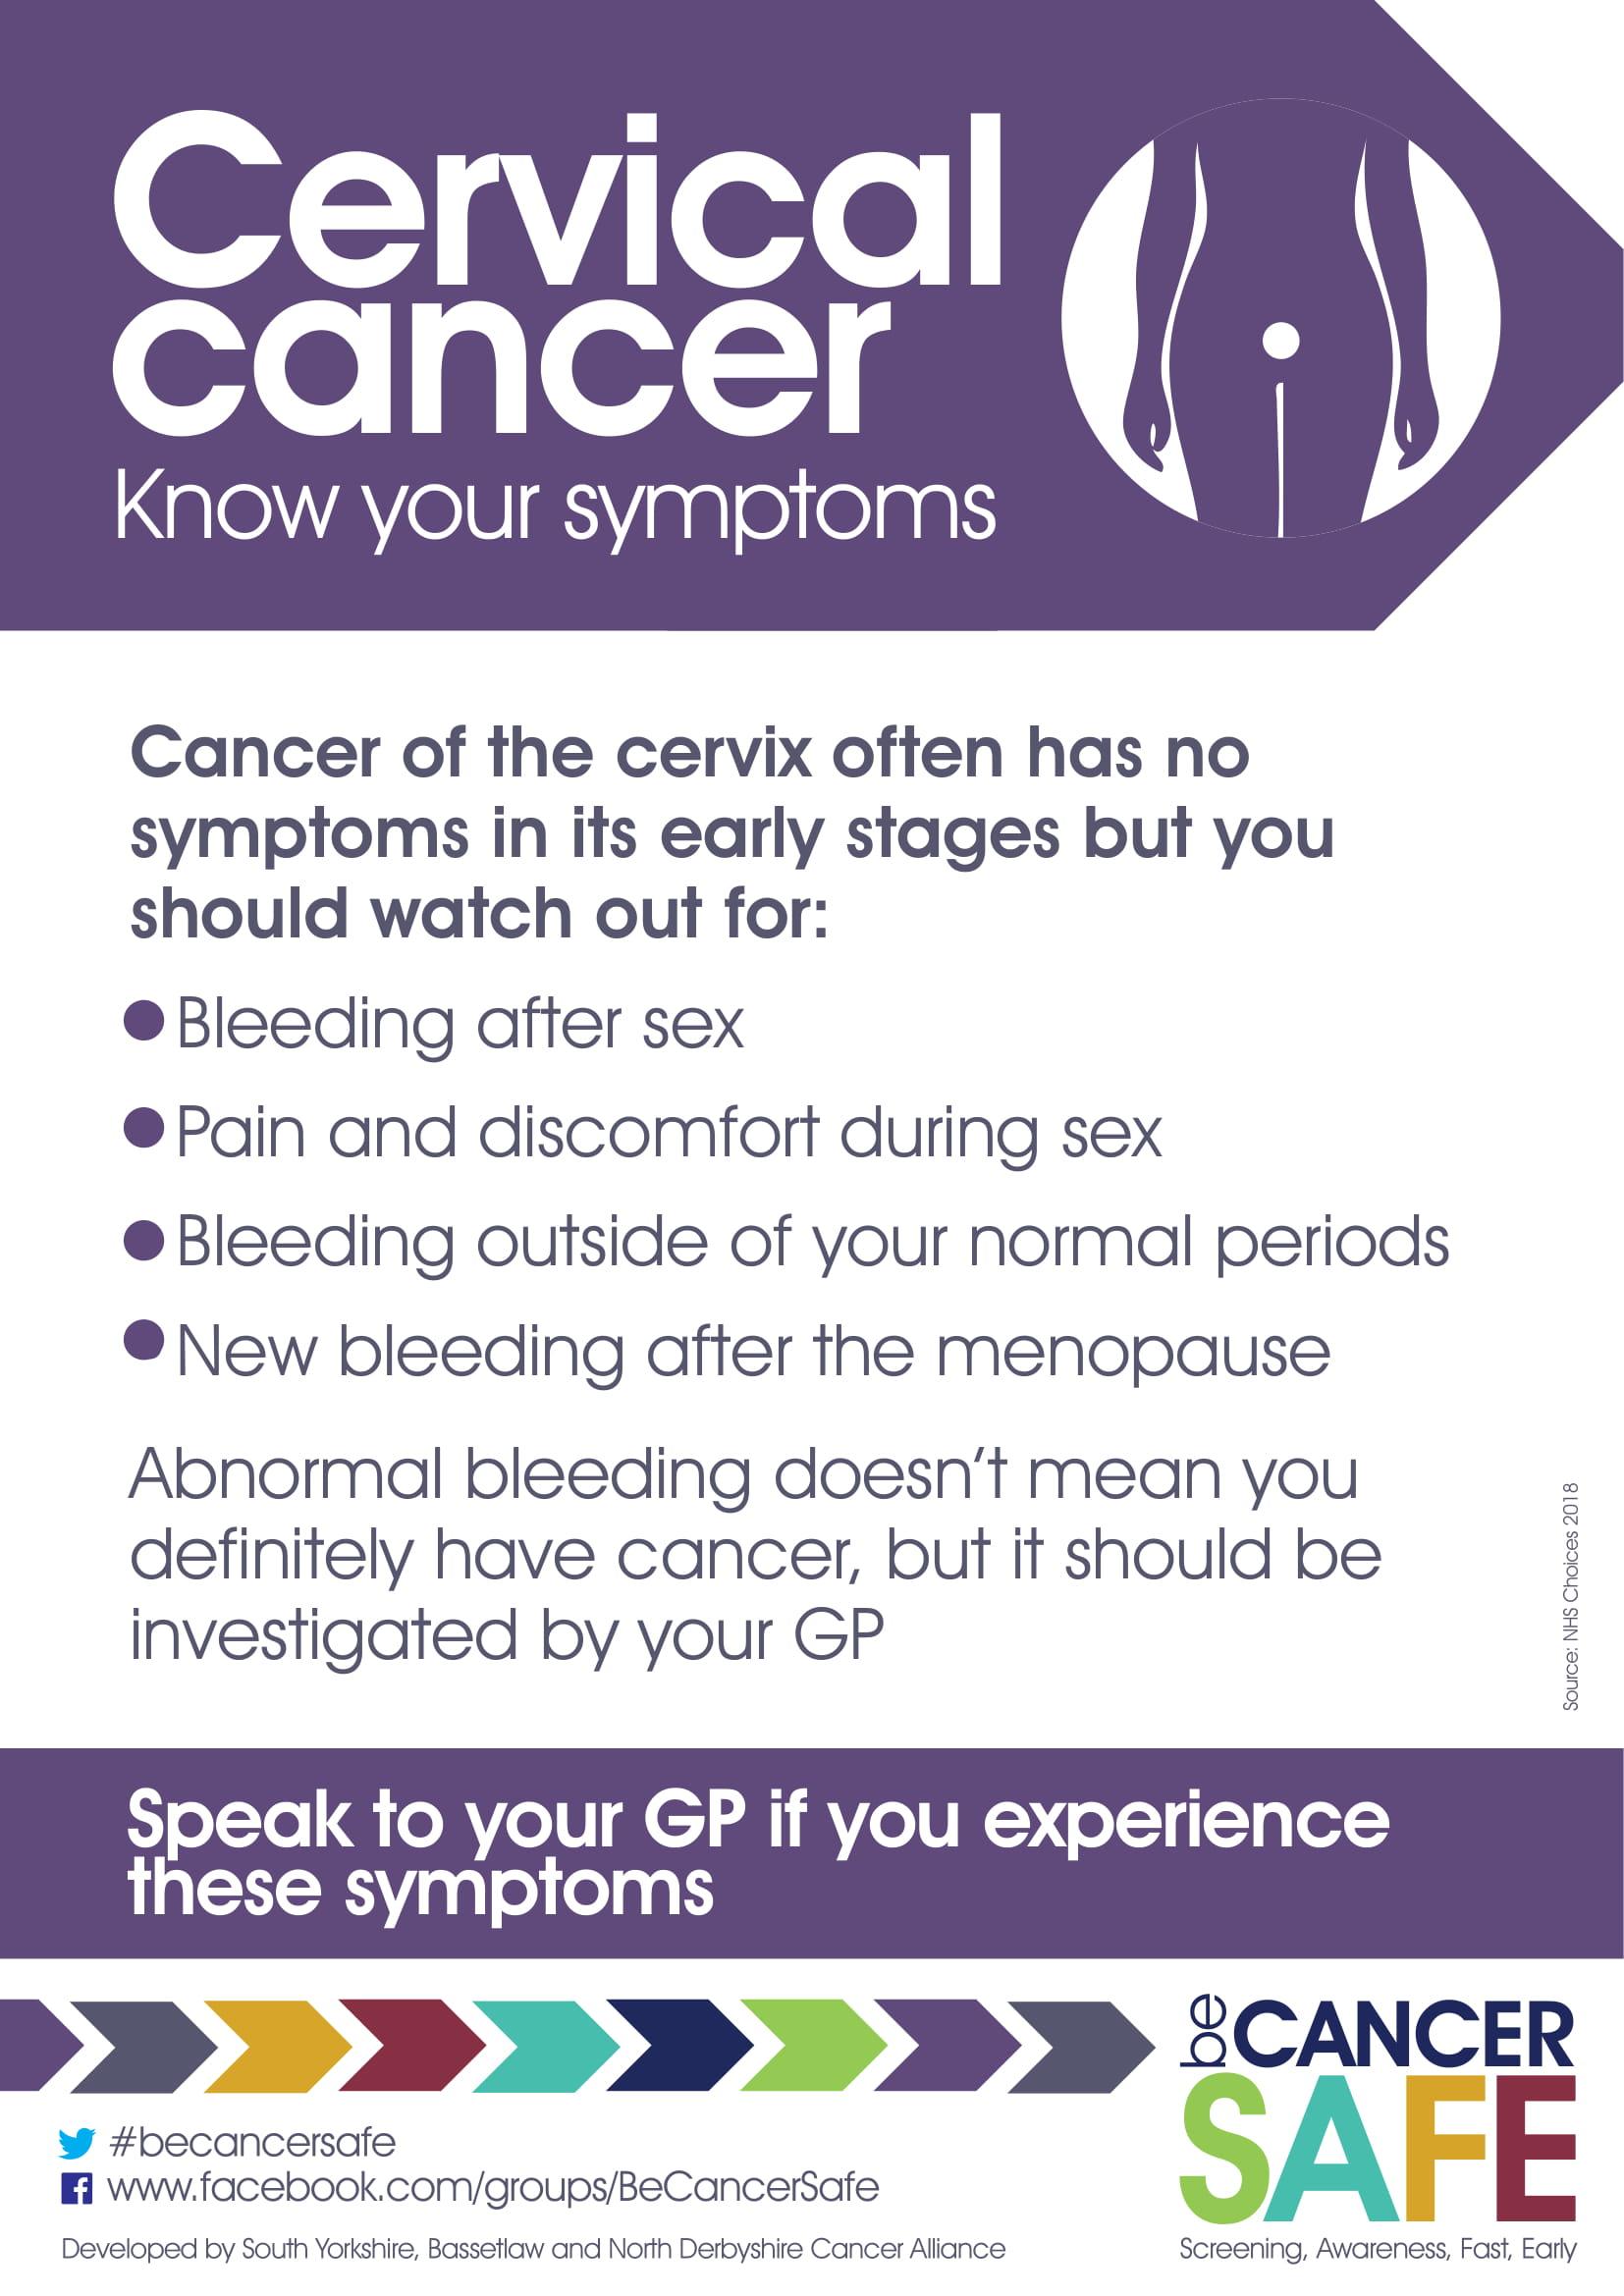 cervical_cancer_poster_copy-1.jpg